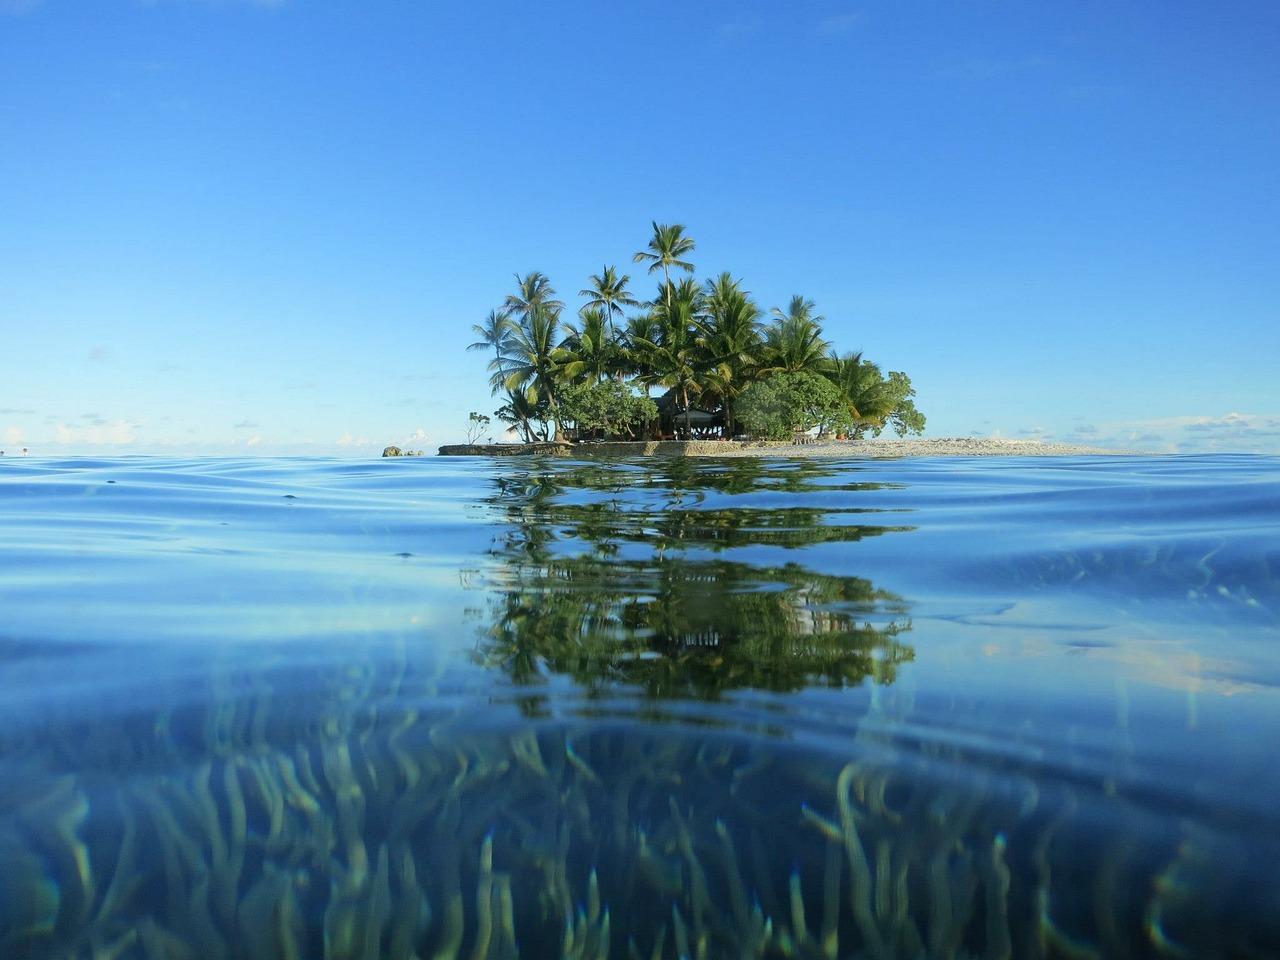 無人島に1個だけルアーを持っていけるとしたら。